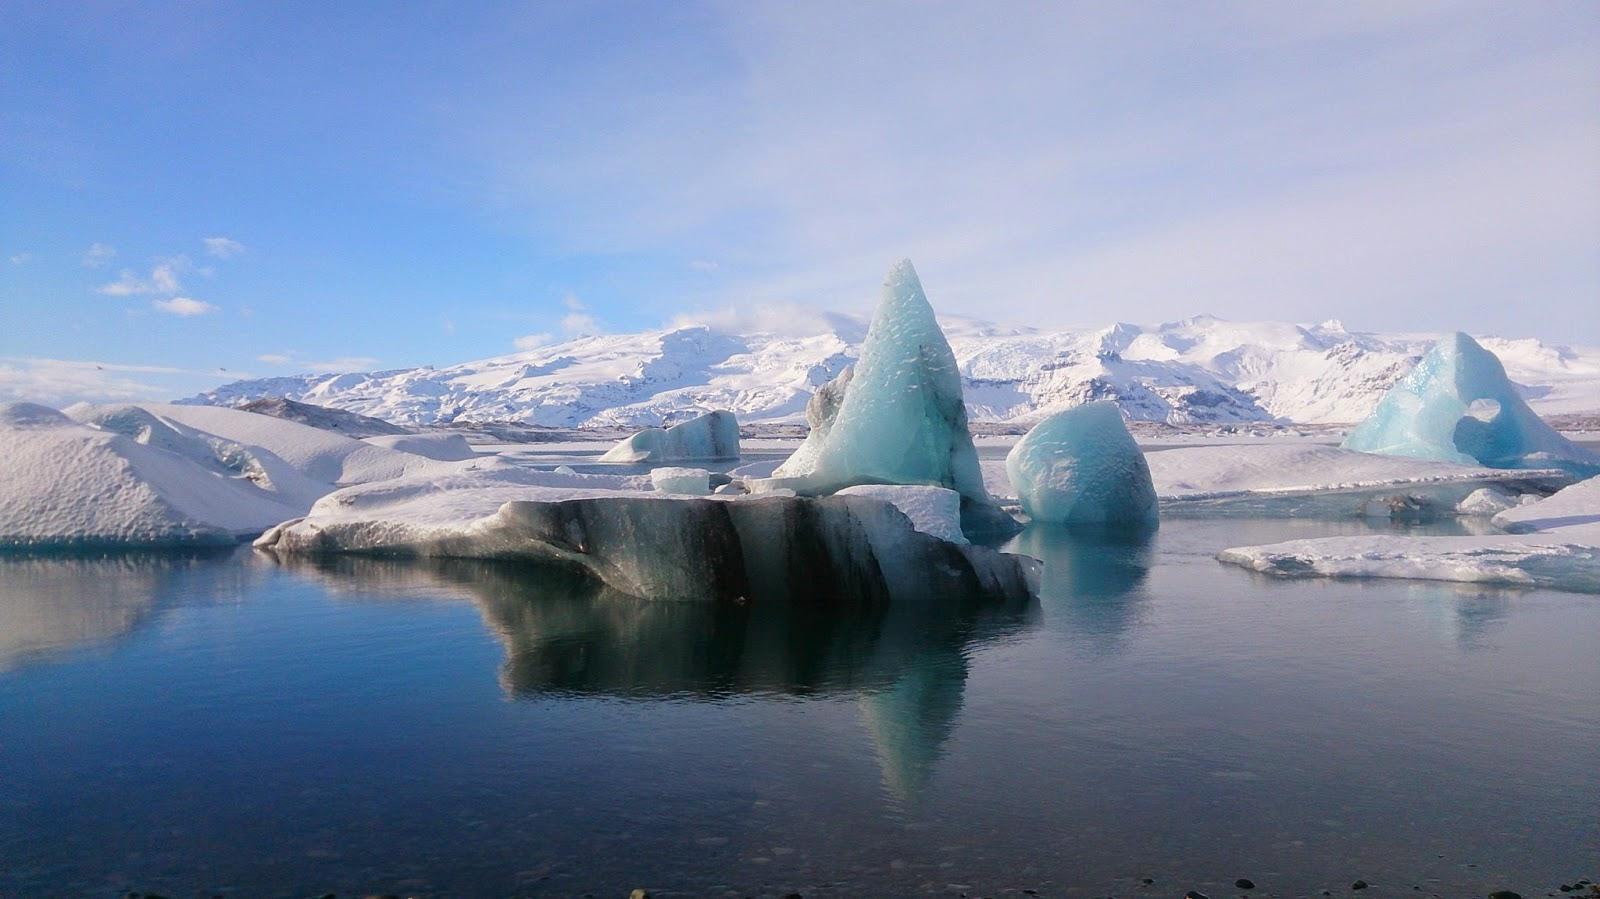 Masses of blue glacial ice floating at Jokulsarlon glacial lagoon